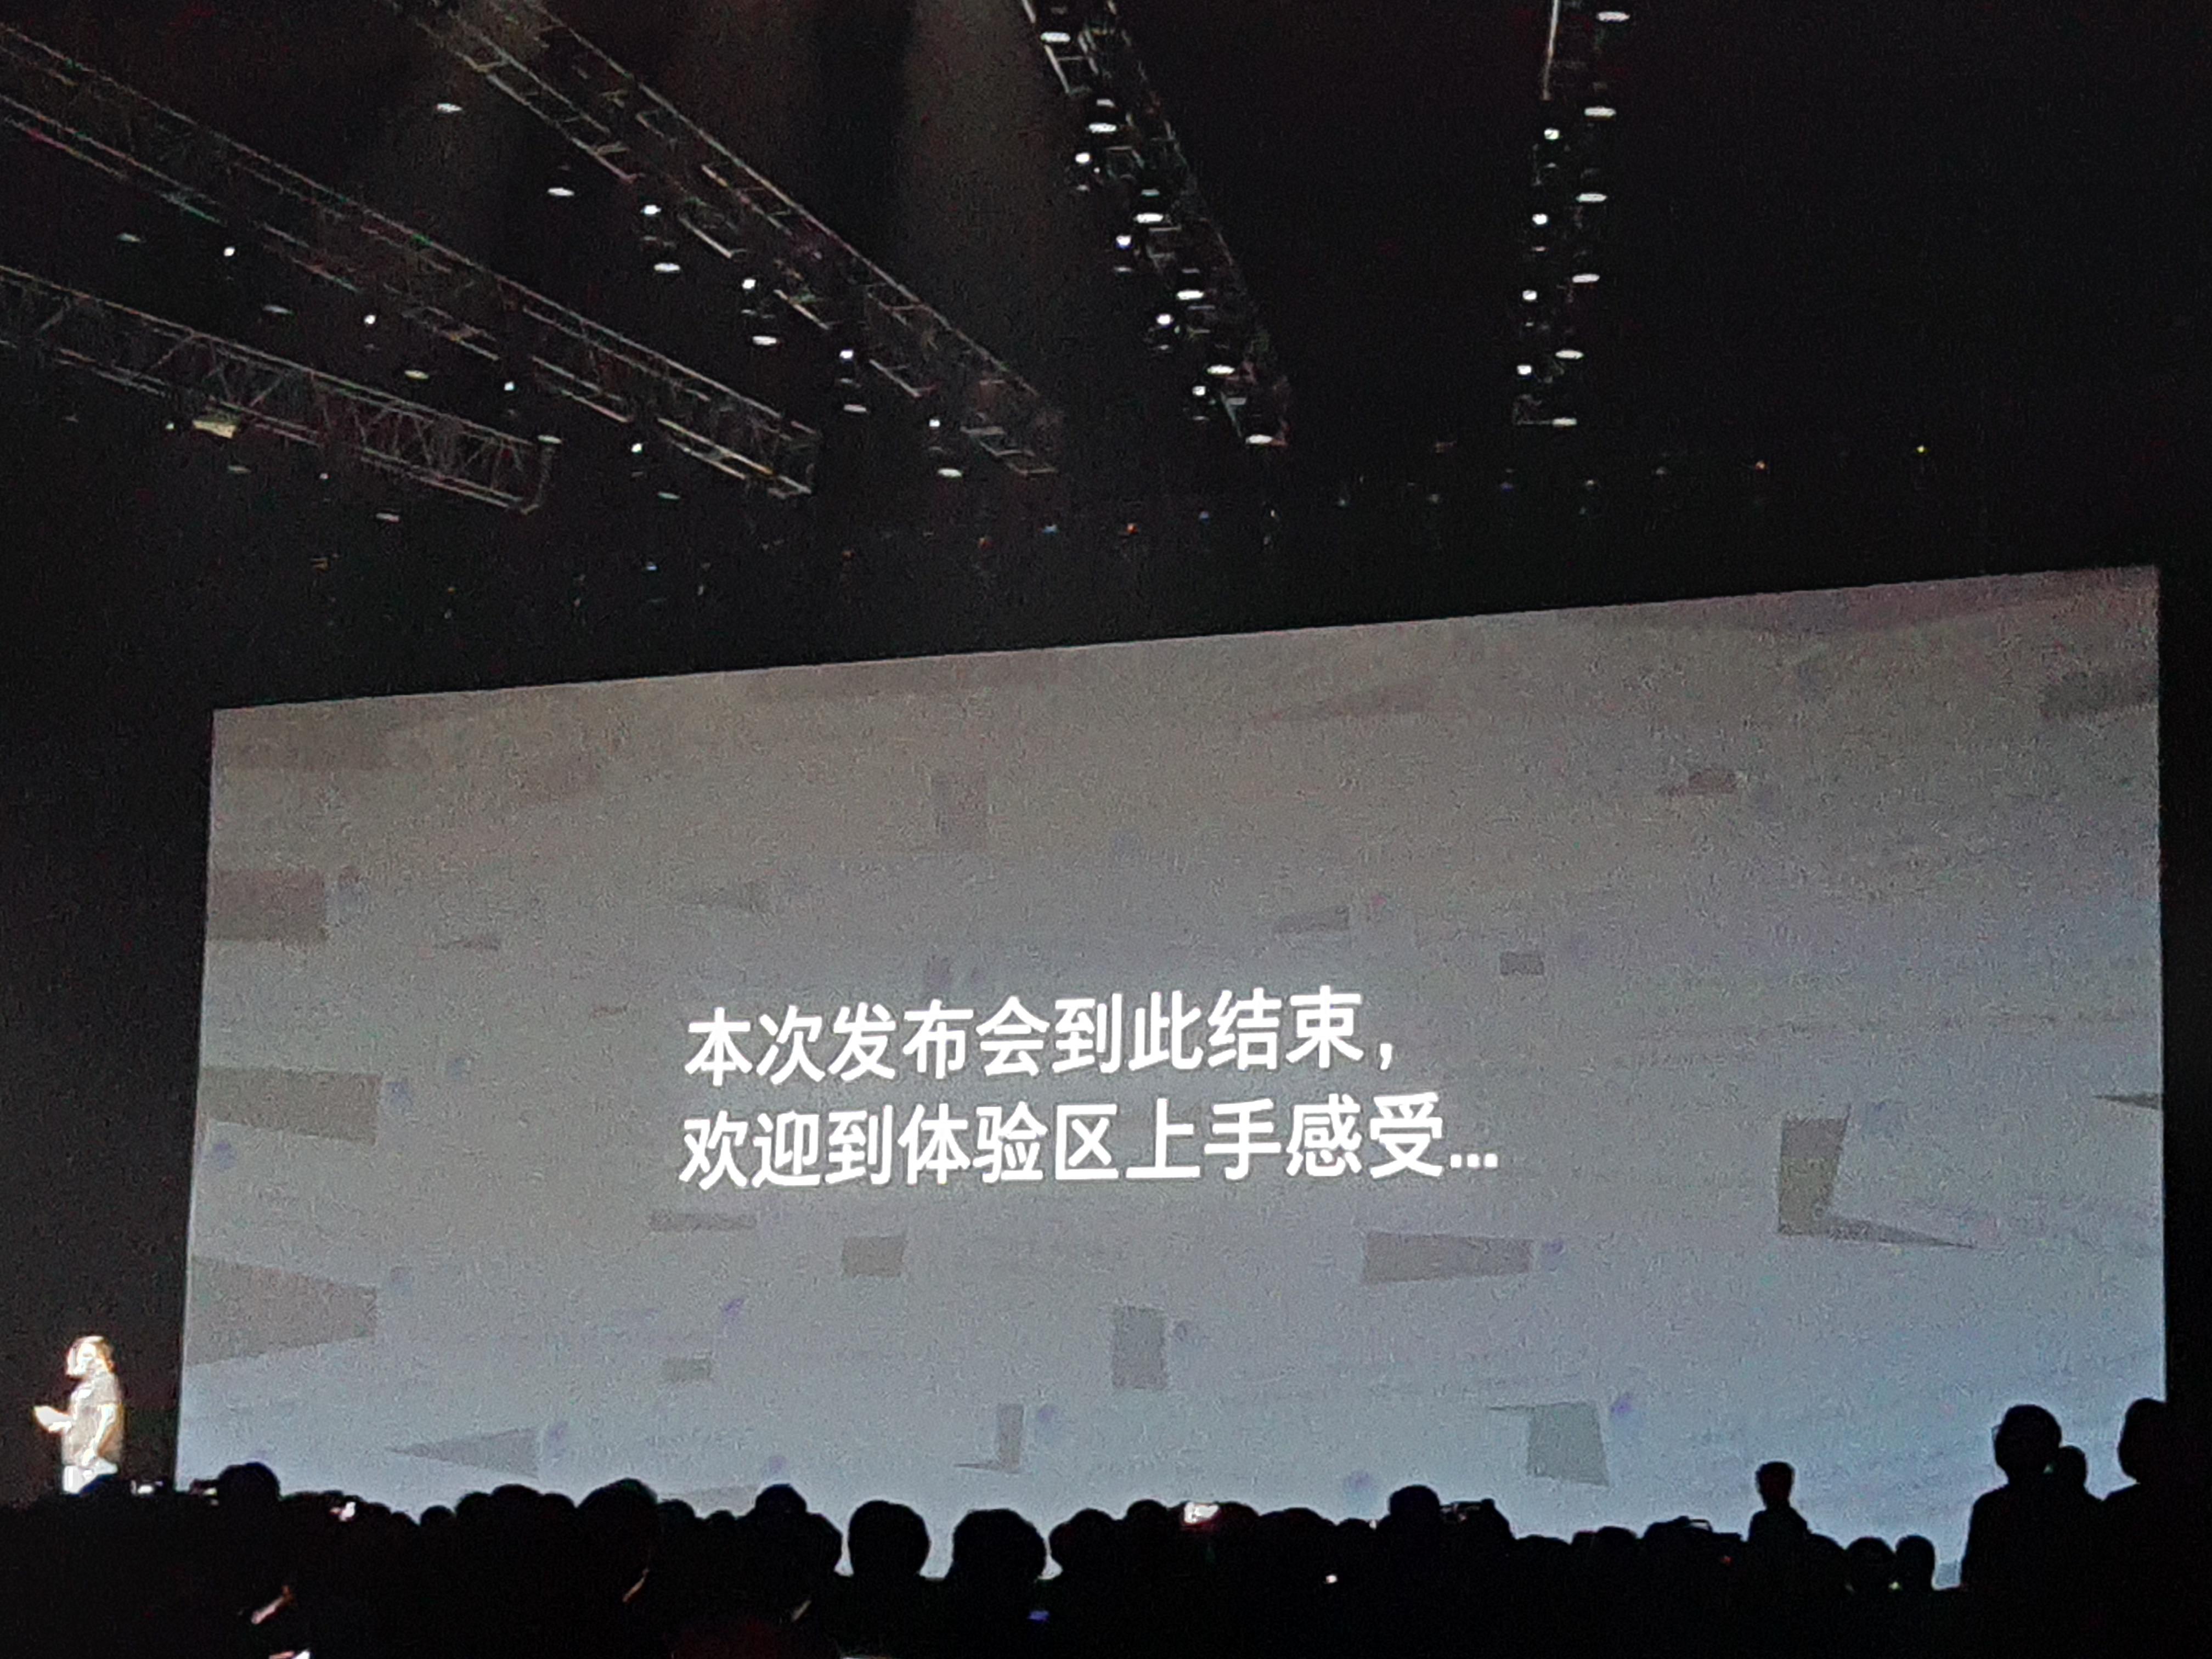 魅族16发布会视频回顾:不再是李楠的独角戏